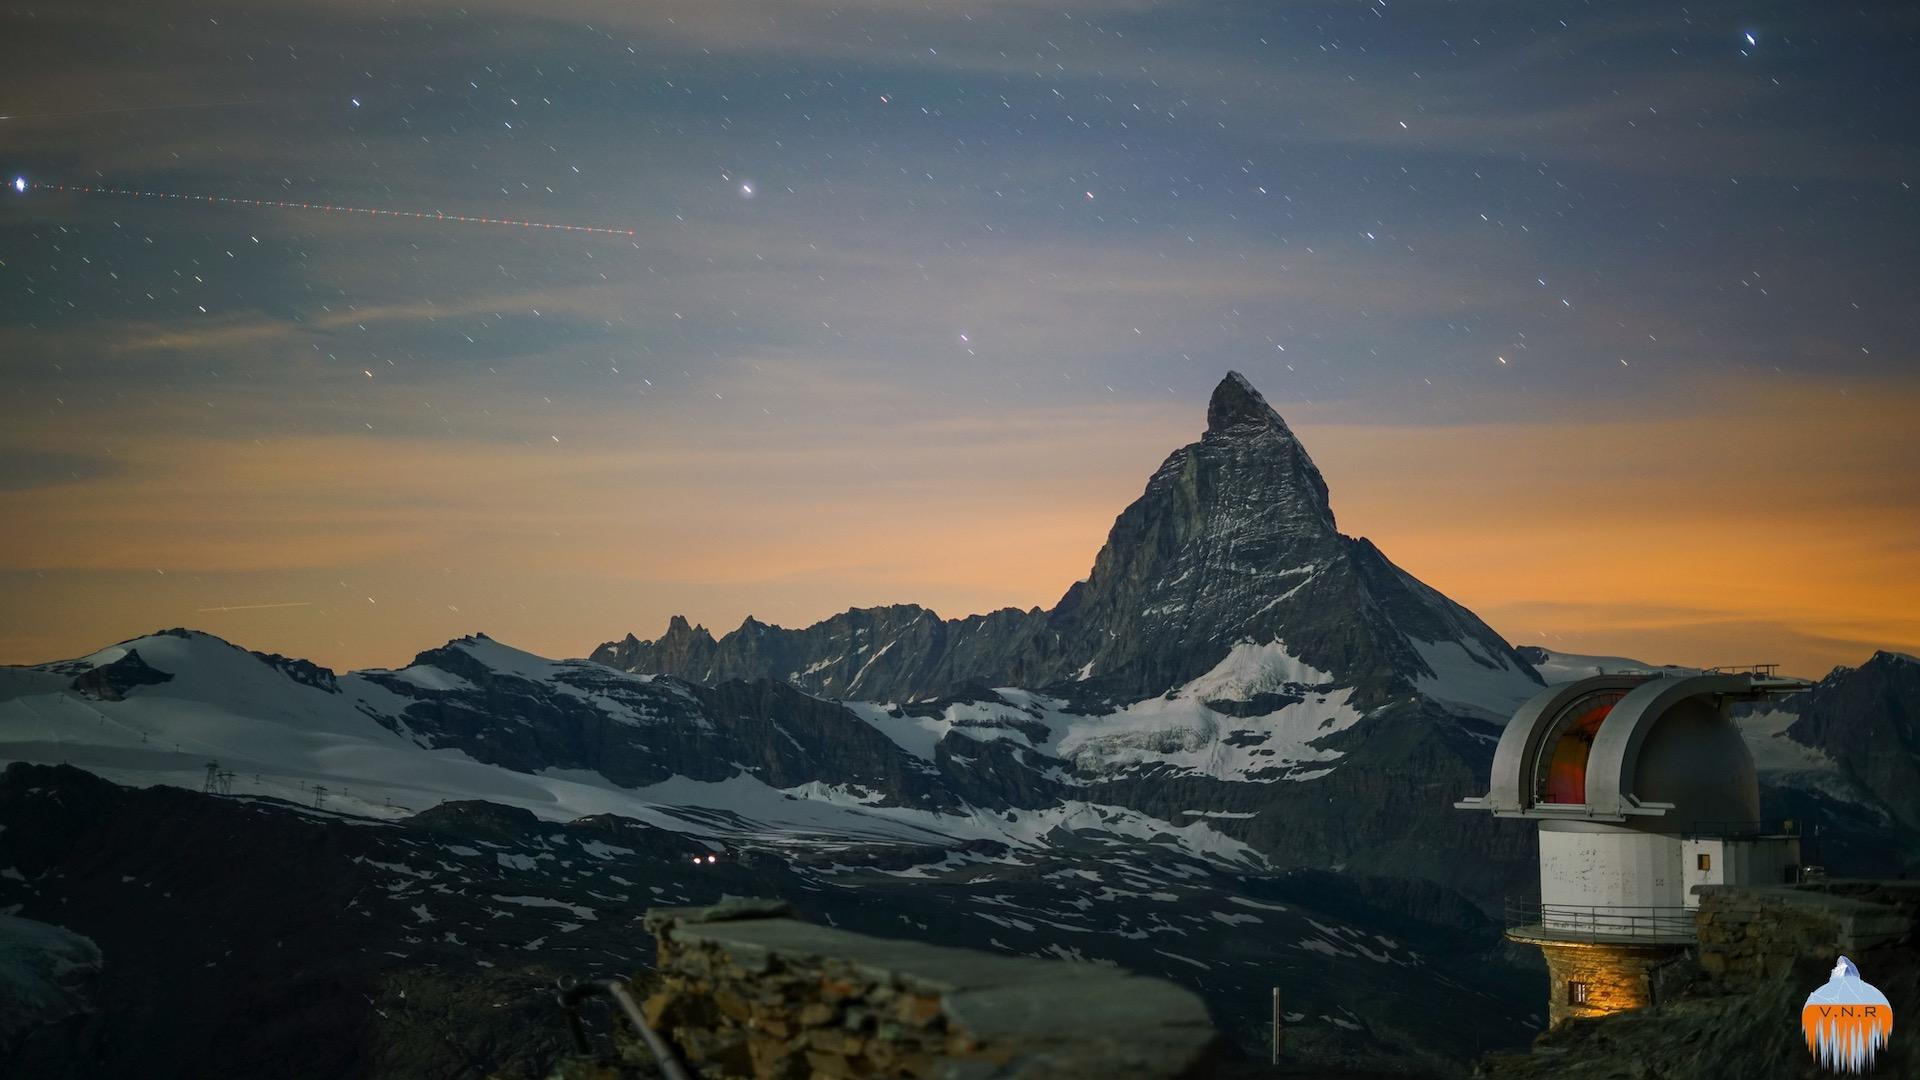 Matterhorn Summer Night